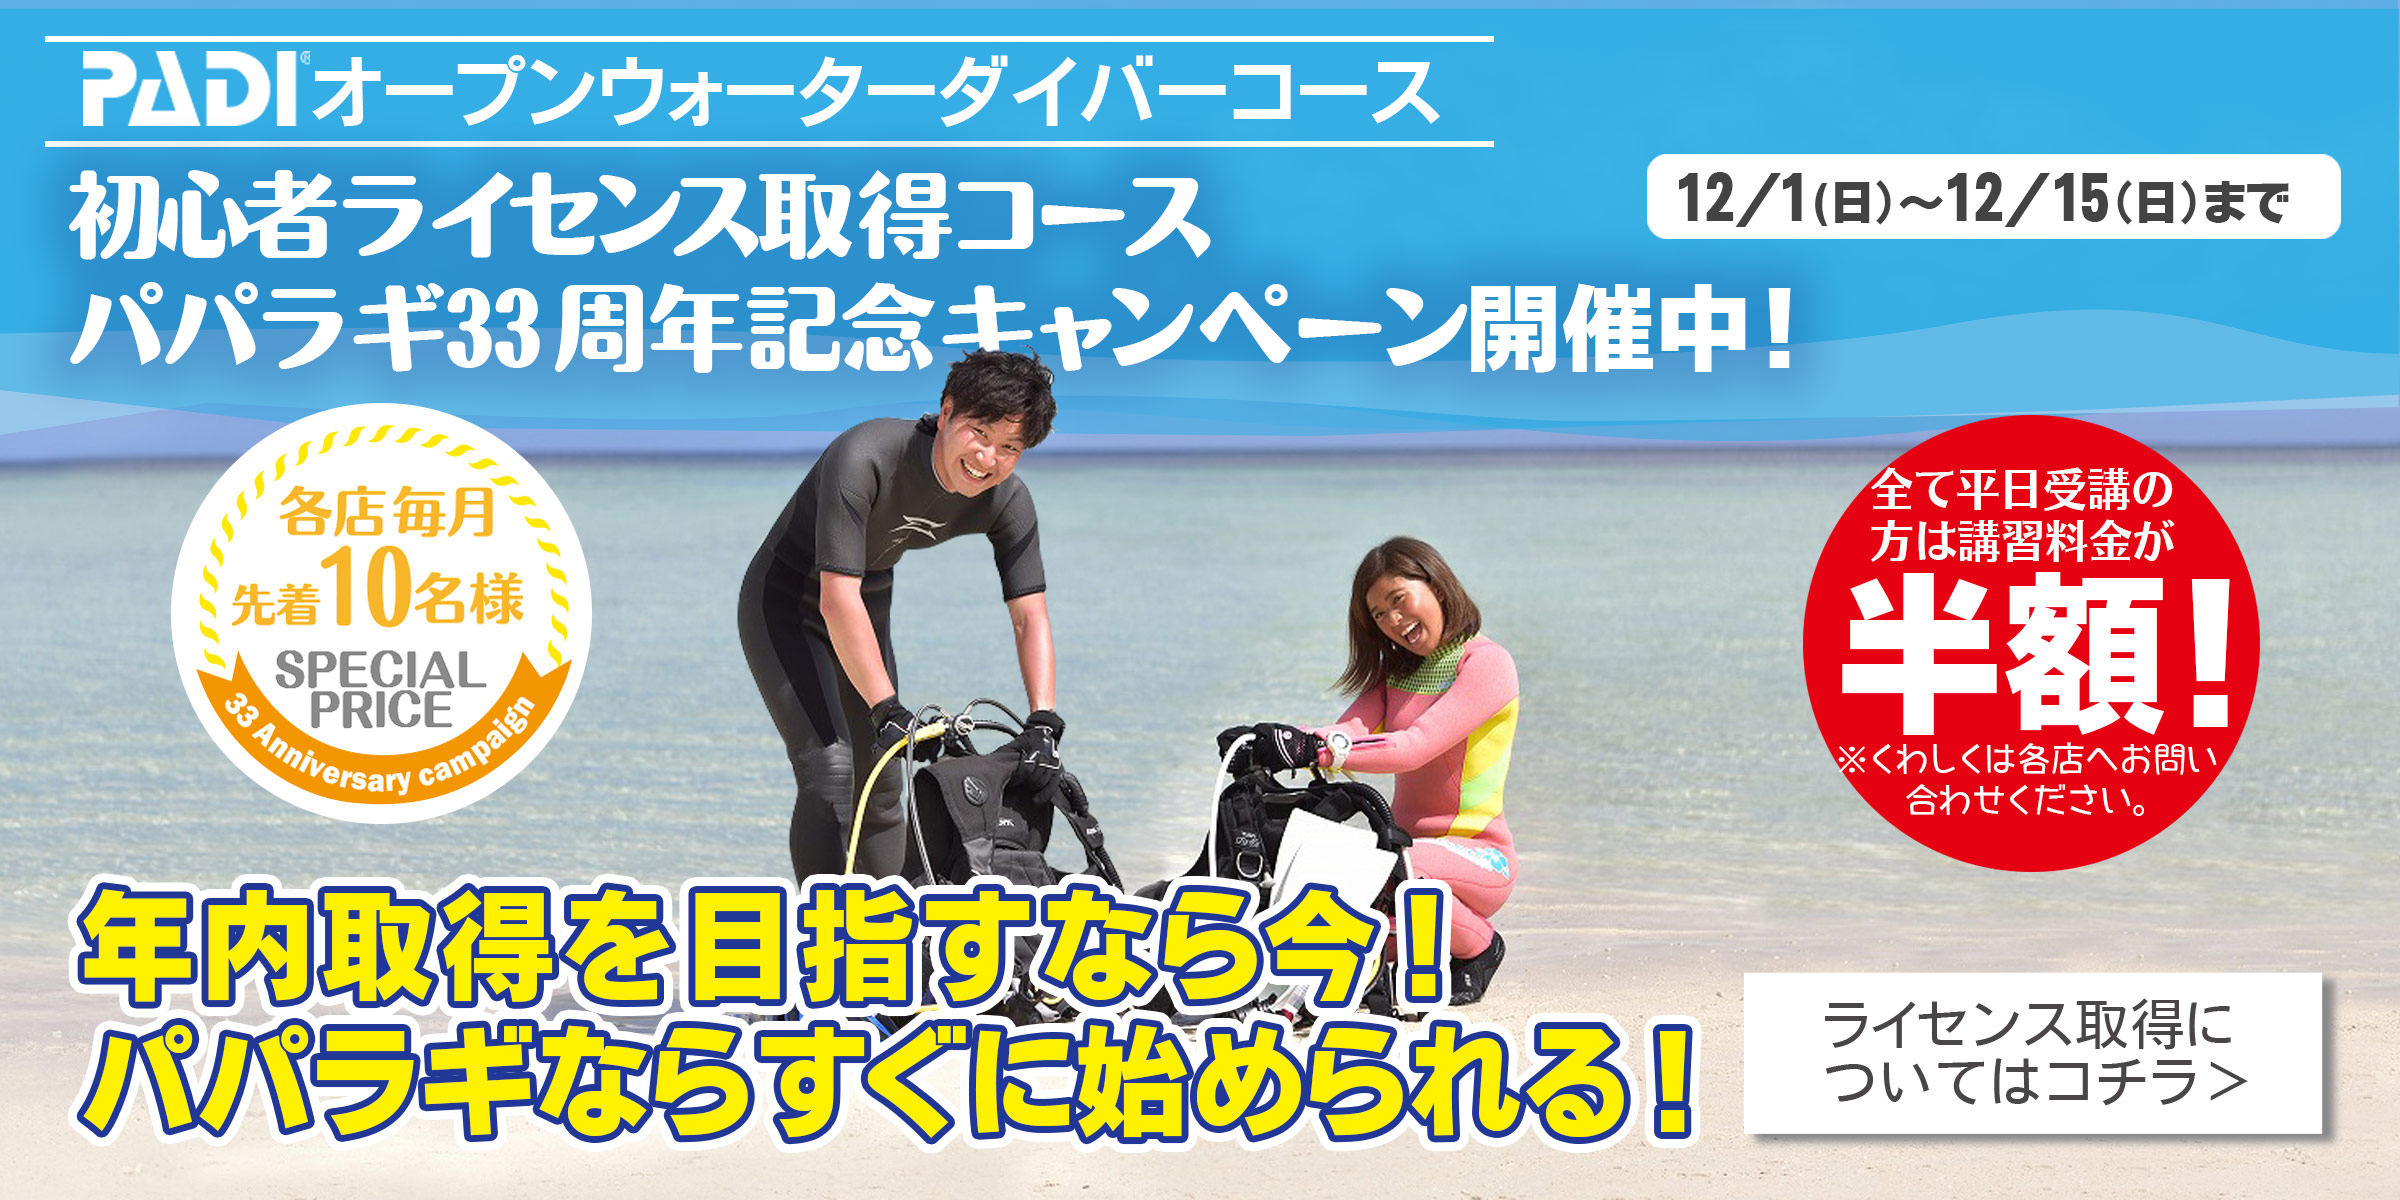 ダイバーデビュー応援キャンペーン開催中!